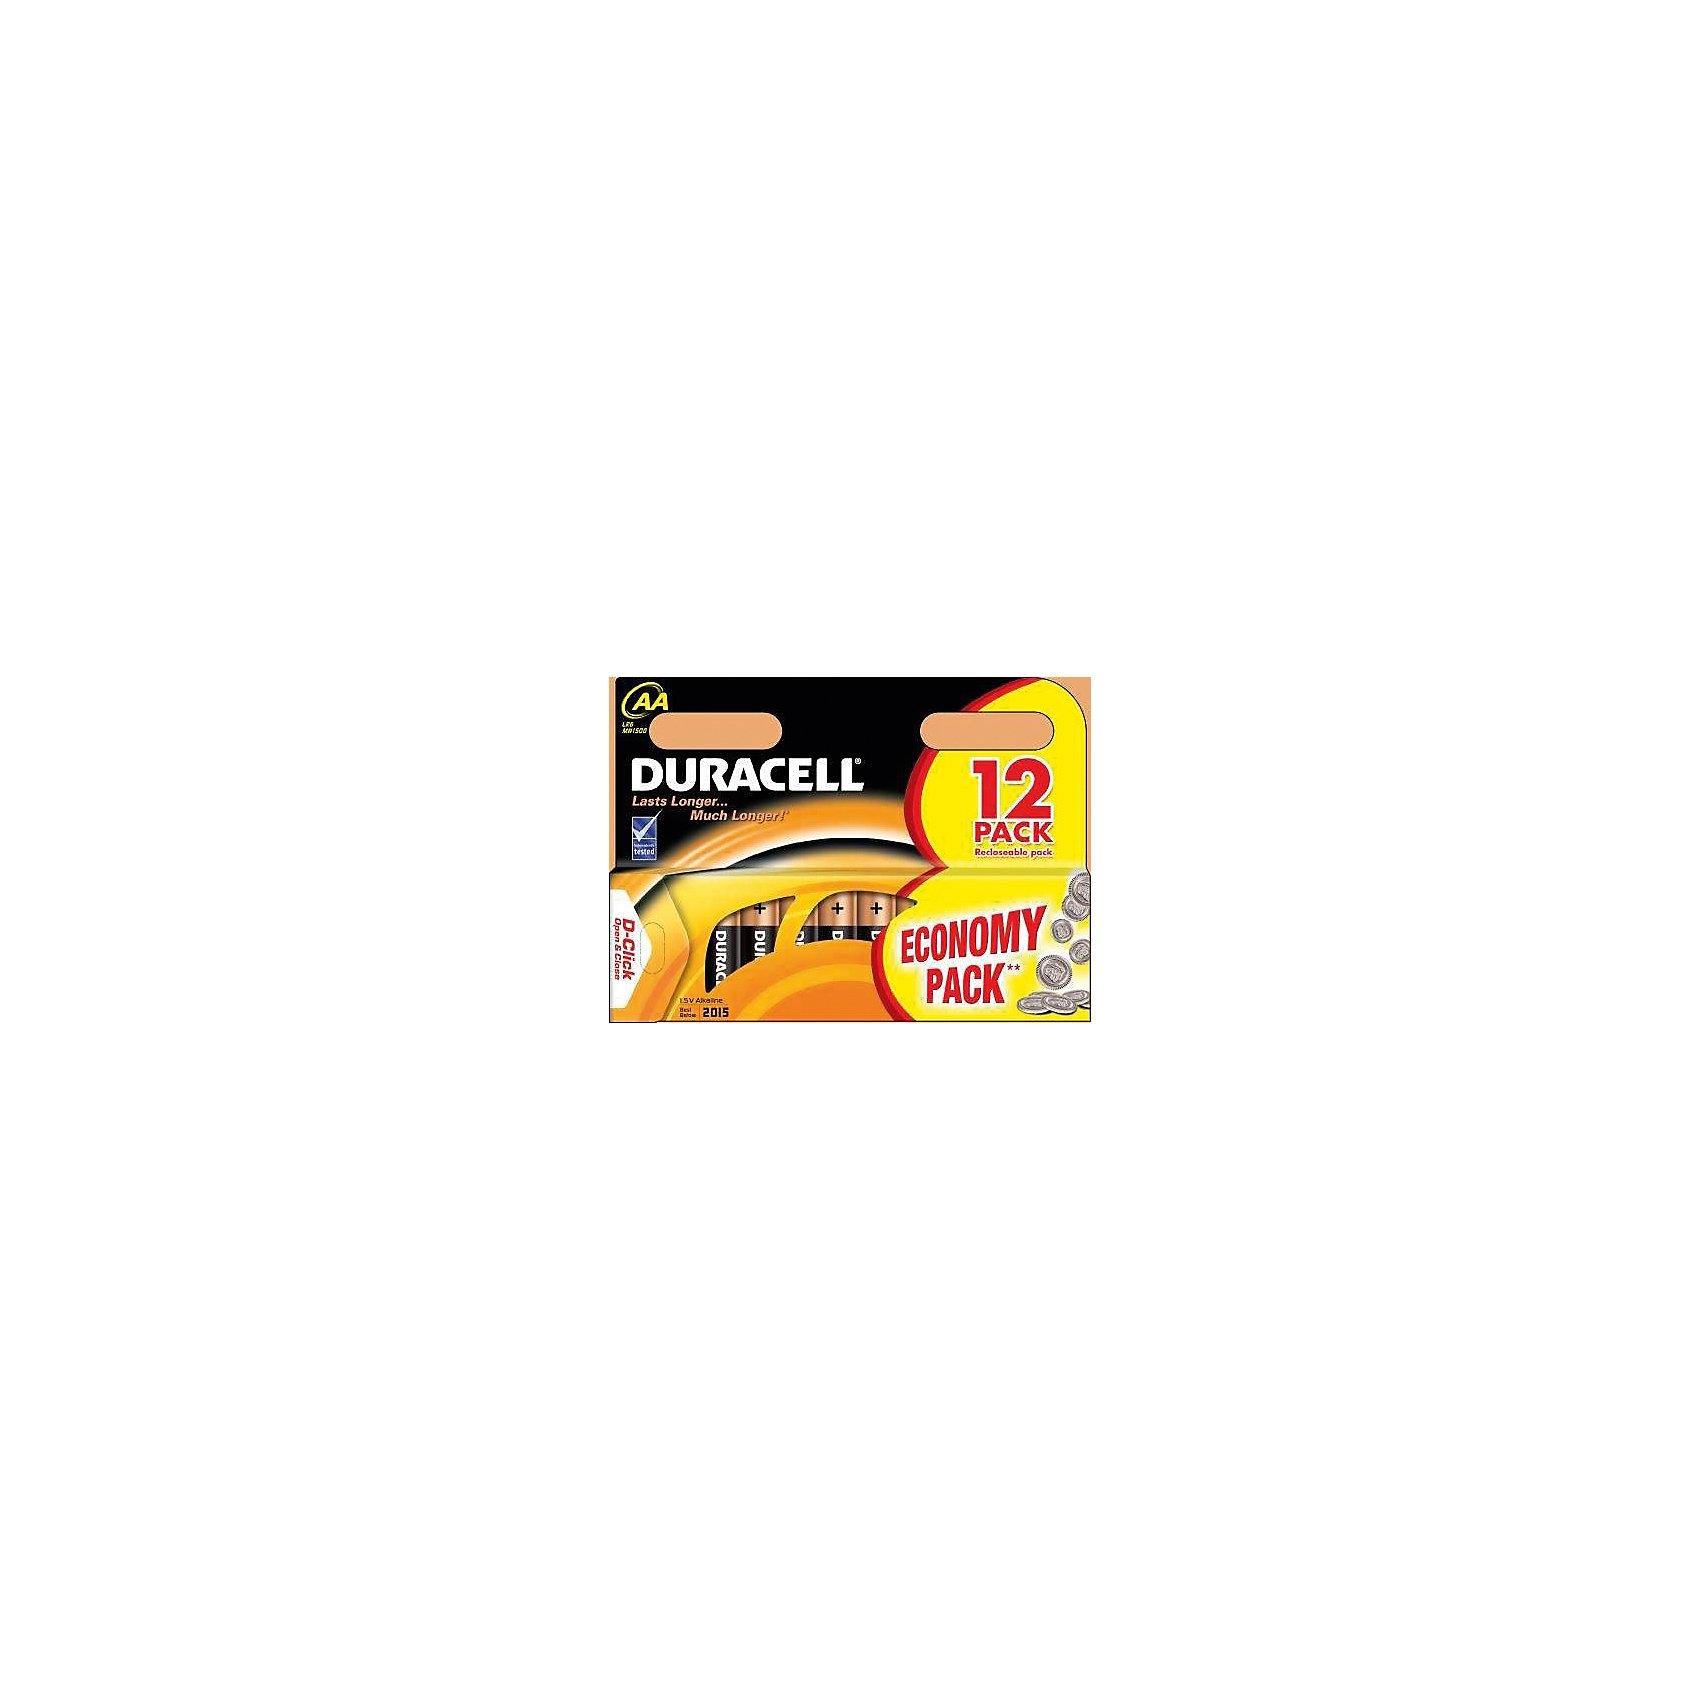 Батарейки алкалиновые Basic 1.5V LR6, тип AA, 12шт., DURACELLДетская электроника<br>Характеристики:<br><br>• Тип электролита: алкалиновые<br>• Тип по питанию: АА <br>• Комплектация: 12 батареек<br>• Вес в упаковке: 300 г<br>• Размеры упаковки (Д*Ш*В): 17*12*15 см<br>• Упаковка: картонная коробка с европодвесом <br><br>DURACELL Basic AA Батарейки алкалиновые 1.5V LR6 12 шт. от всемирно известного торгового бренда DURACELL, который является создателем первой щелочной батарейки. Щелочные батарейки отличаются более длительным сроком службы, повышенной герметичностью, благодаря чему батарейки от  DURACELL не протекают. <br><br>Элементы питания хорошо переносят низкие температуры, сохраняя при этом свои свойства и качества. Набор выполнен в варианте экономичной упаковки, включающей в себя 12 батареек. DURACELL Basic AA Батарейки алкалиновые 1.5V LR6 12 шт. – это длительный срок службы и бесперебойность в работе портативных электронных устройств!<br><br>DURACELL Basic AA Батарейки алкалиновые 1.5V LR6 12 шт. можно купить в нашем интернет-магазине.<br><br>Ширина мм: 170<br>Глубина мм: 120<br>Высота мм: 1500<br>Вес г: 300<br>Возраст от месяцев: 60<br>Возраст до месяцев: 1188<br>Пол: Унисекс<br>Возраст: Детский<br>SKU: 5514790